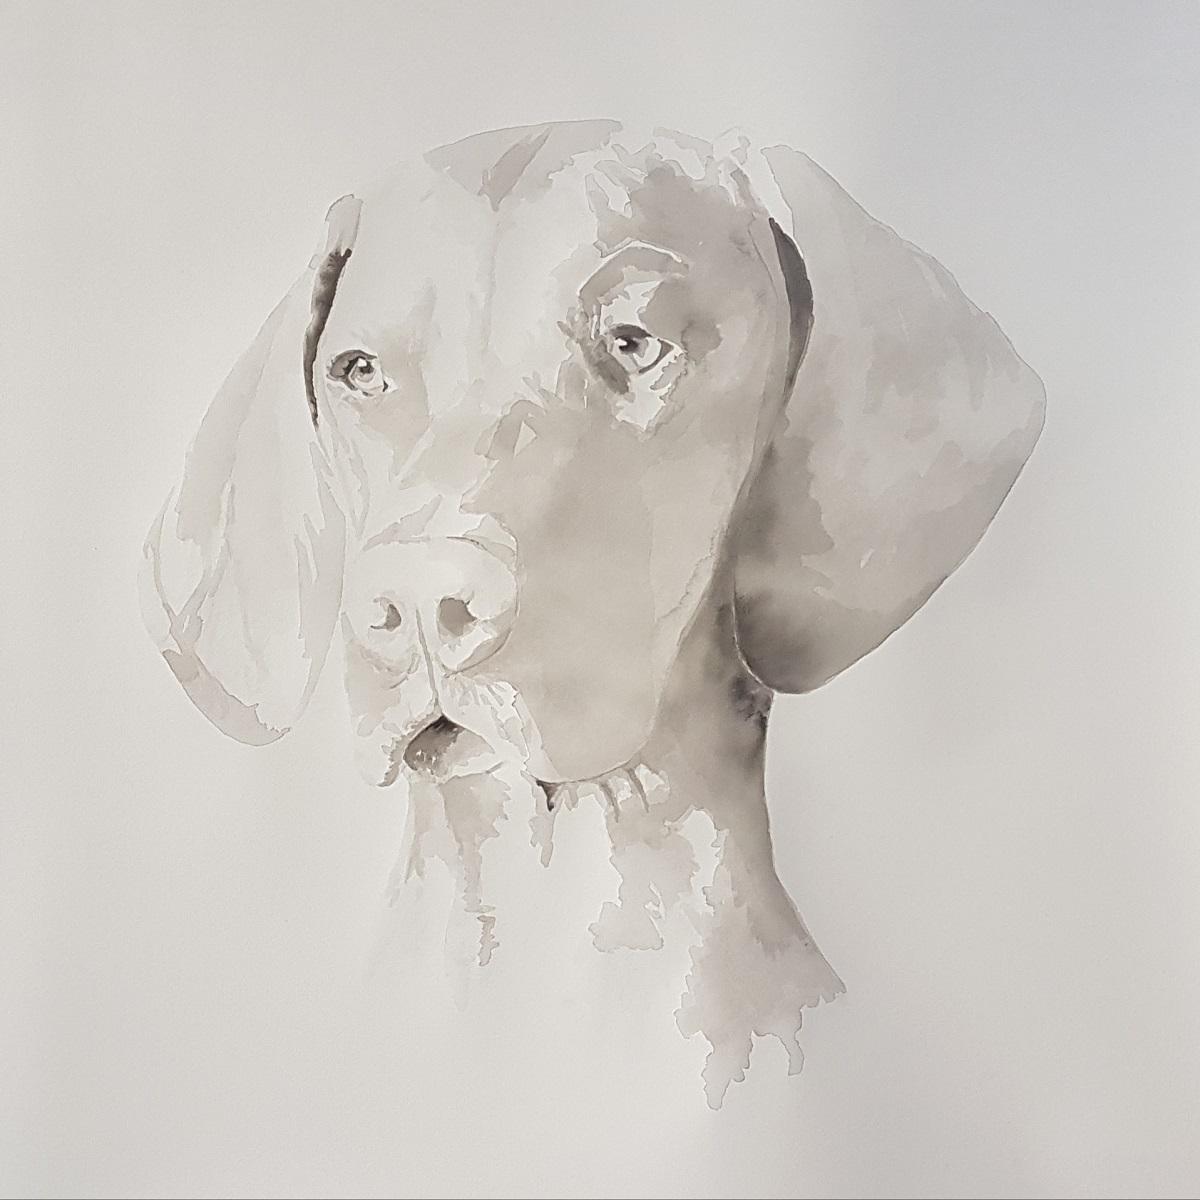 hondenportret van een vizsla in een zachte wassing